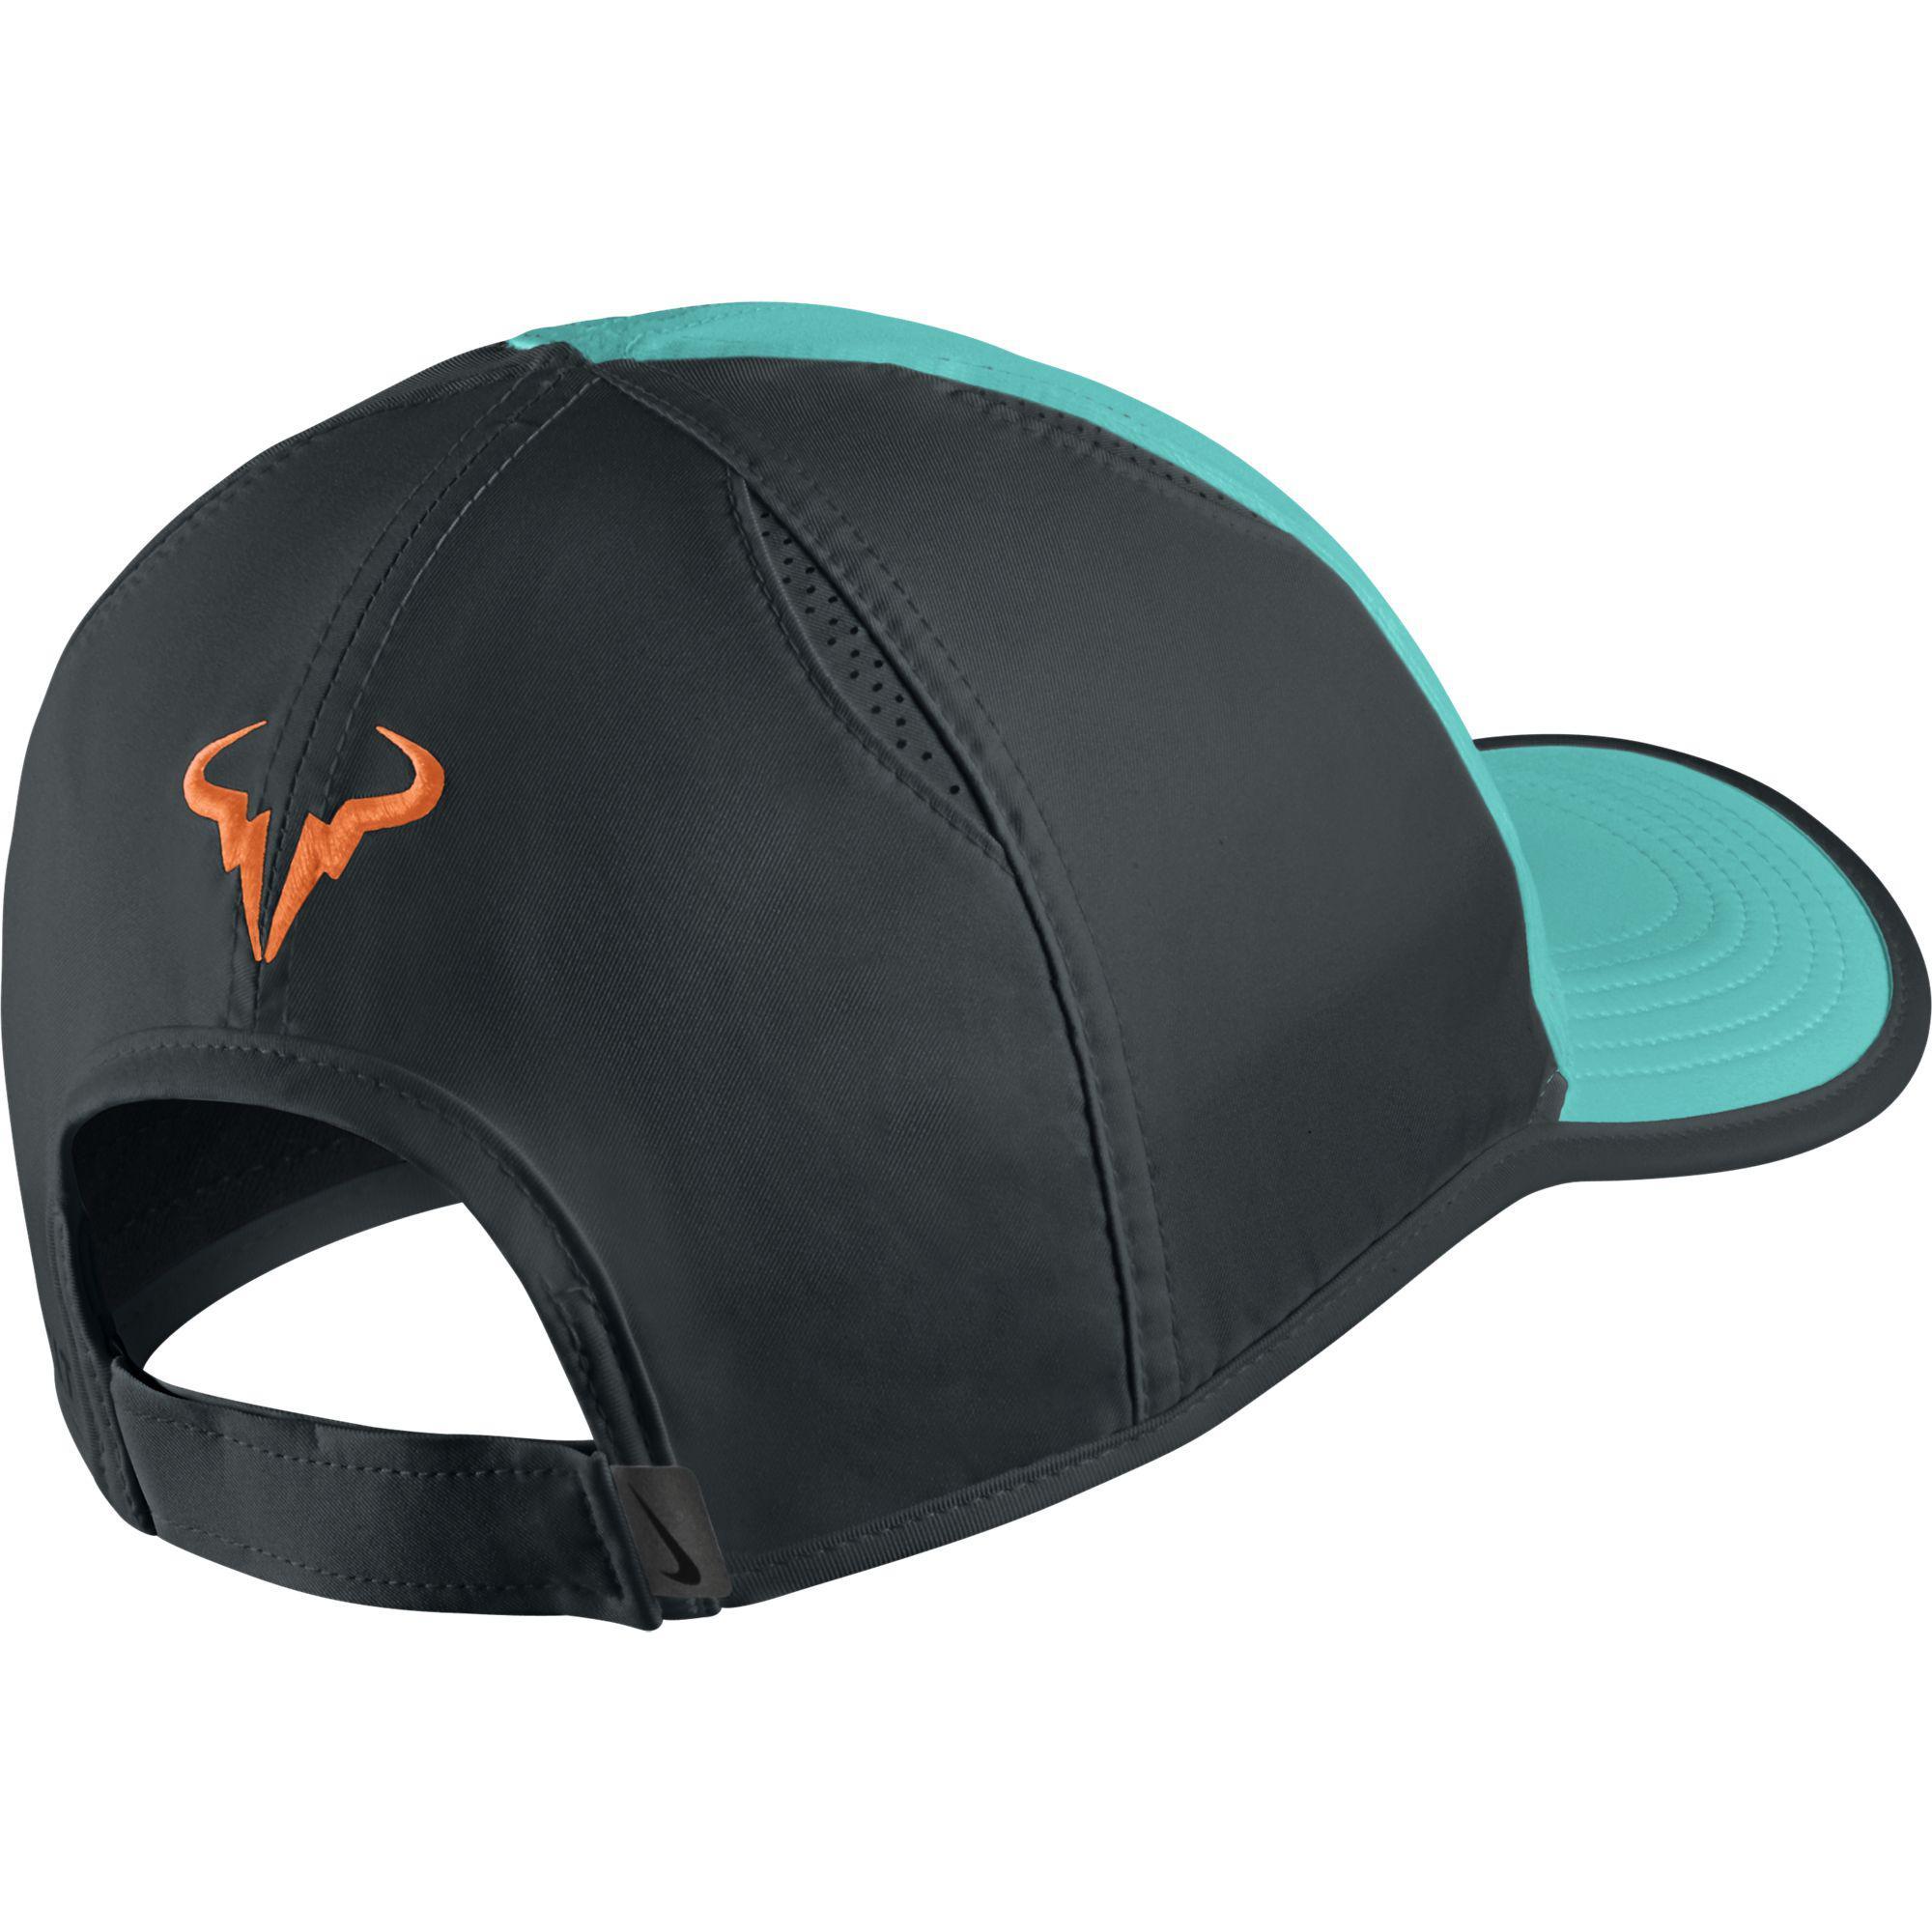 finest selection ed775 e183d ... cheap nike premier rafa feather light cap blue 4a055 a3d8d